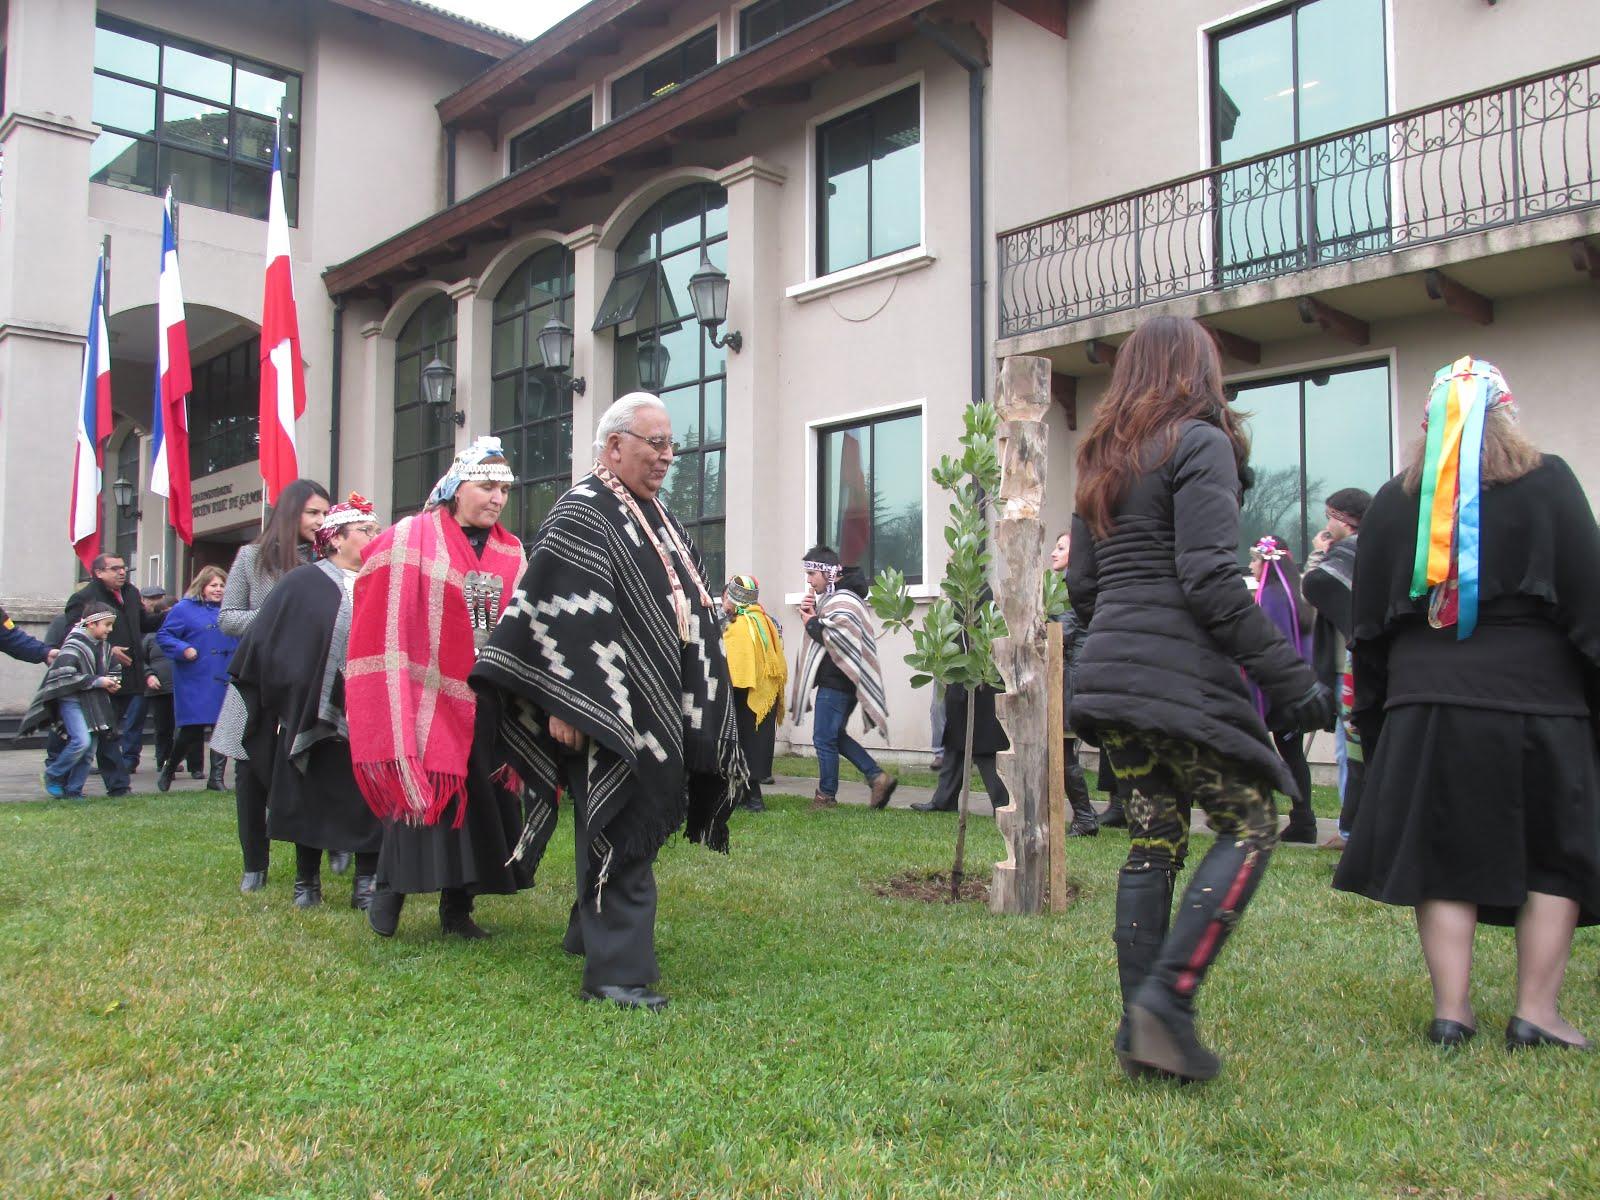 Histórica ceremonia de izamiento bandera mapuche en Municipalidad de Chillán Viejo